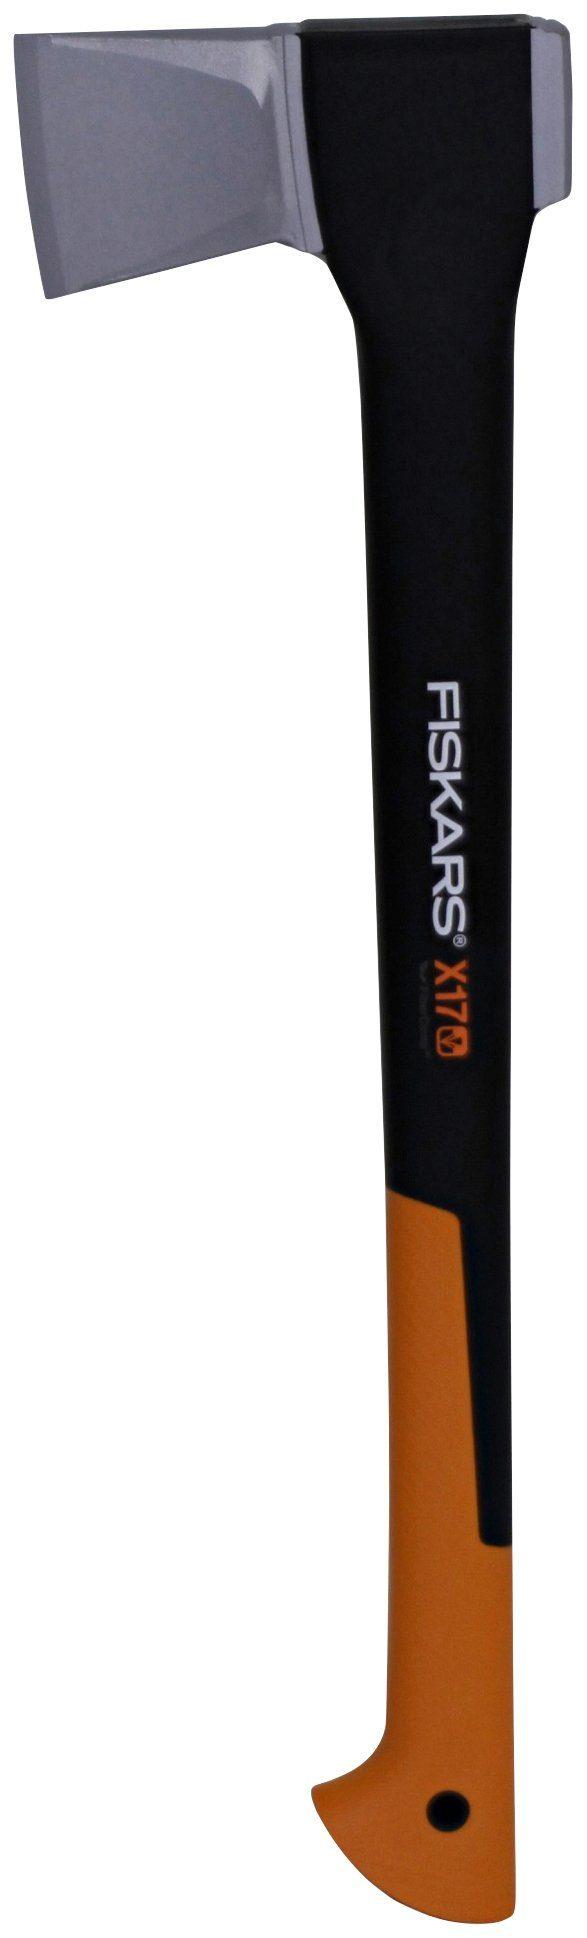 FISKARS Spaltaxt »X17-M«, für mittelgroße Stammstücke von 20-30 cm